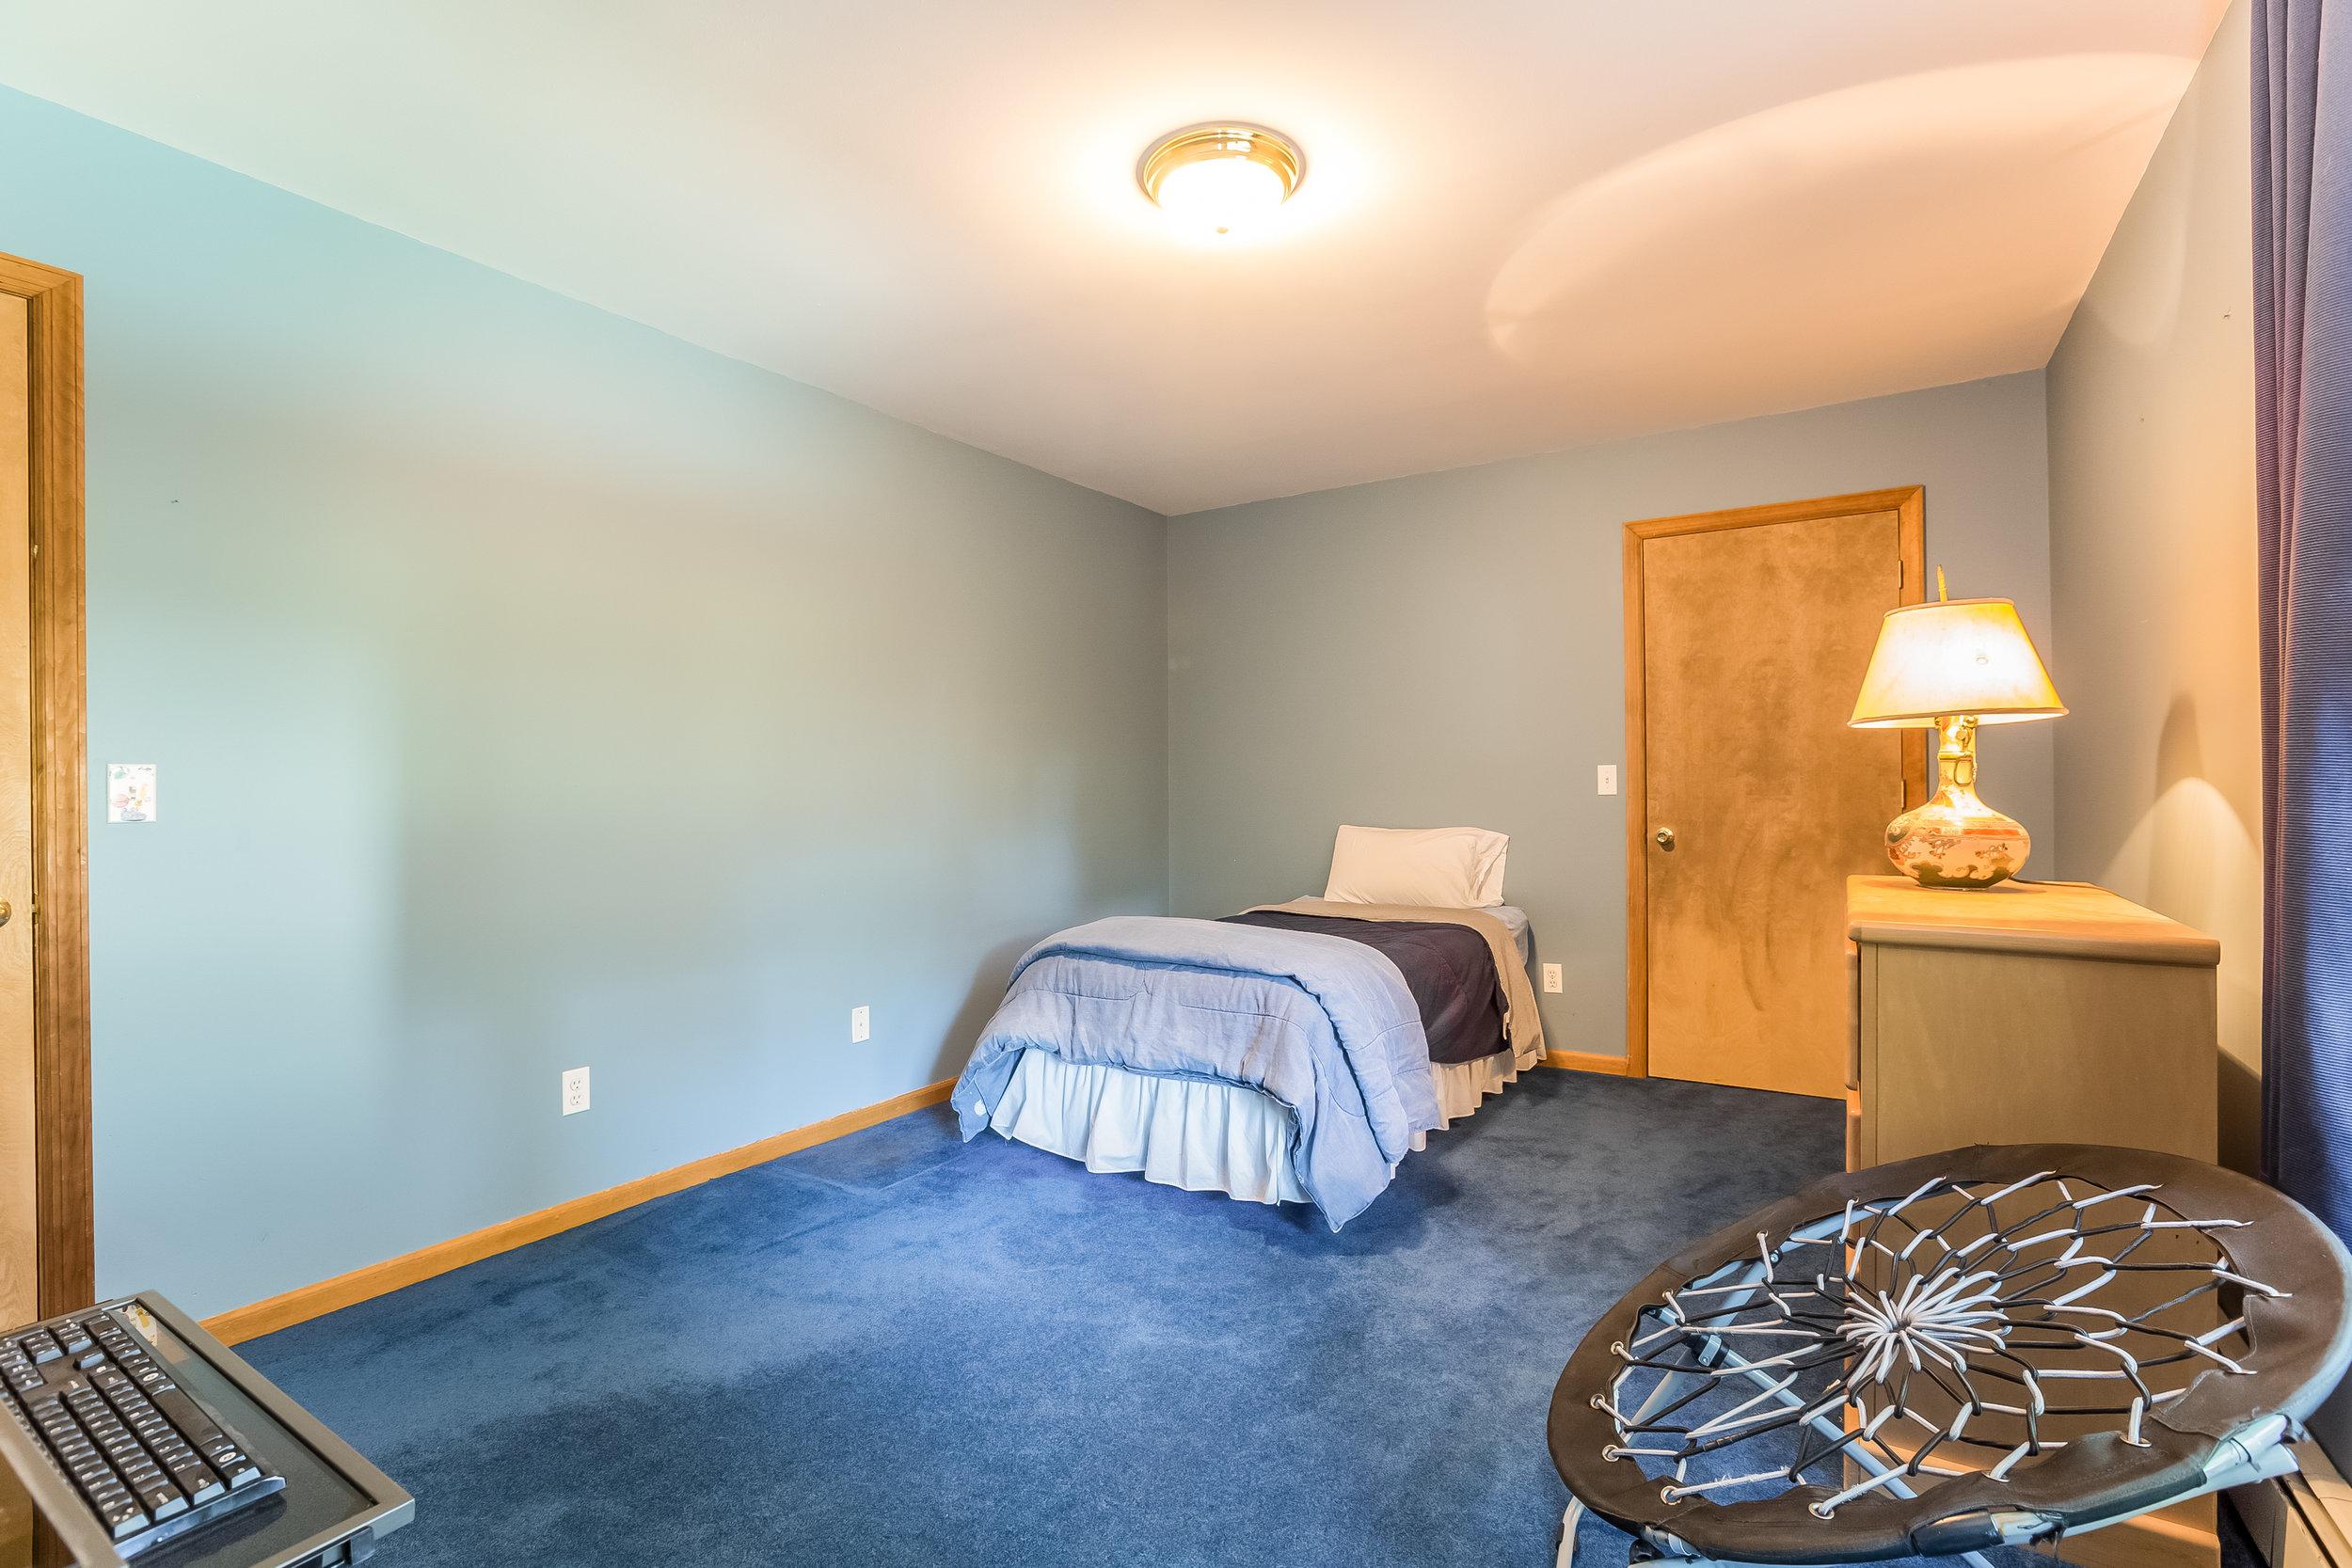 035-Bedroom-5002172-large.jpg